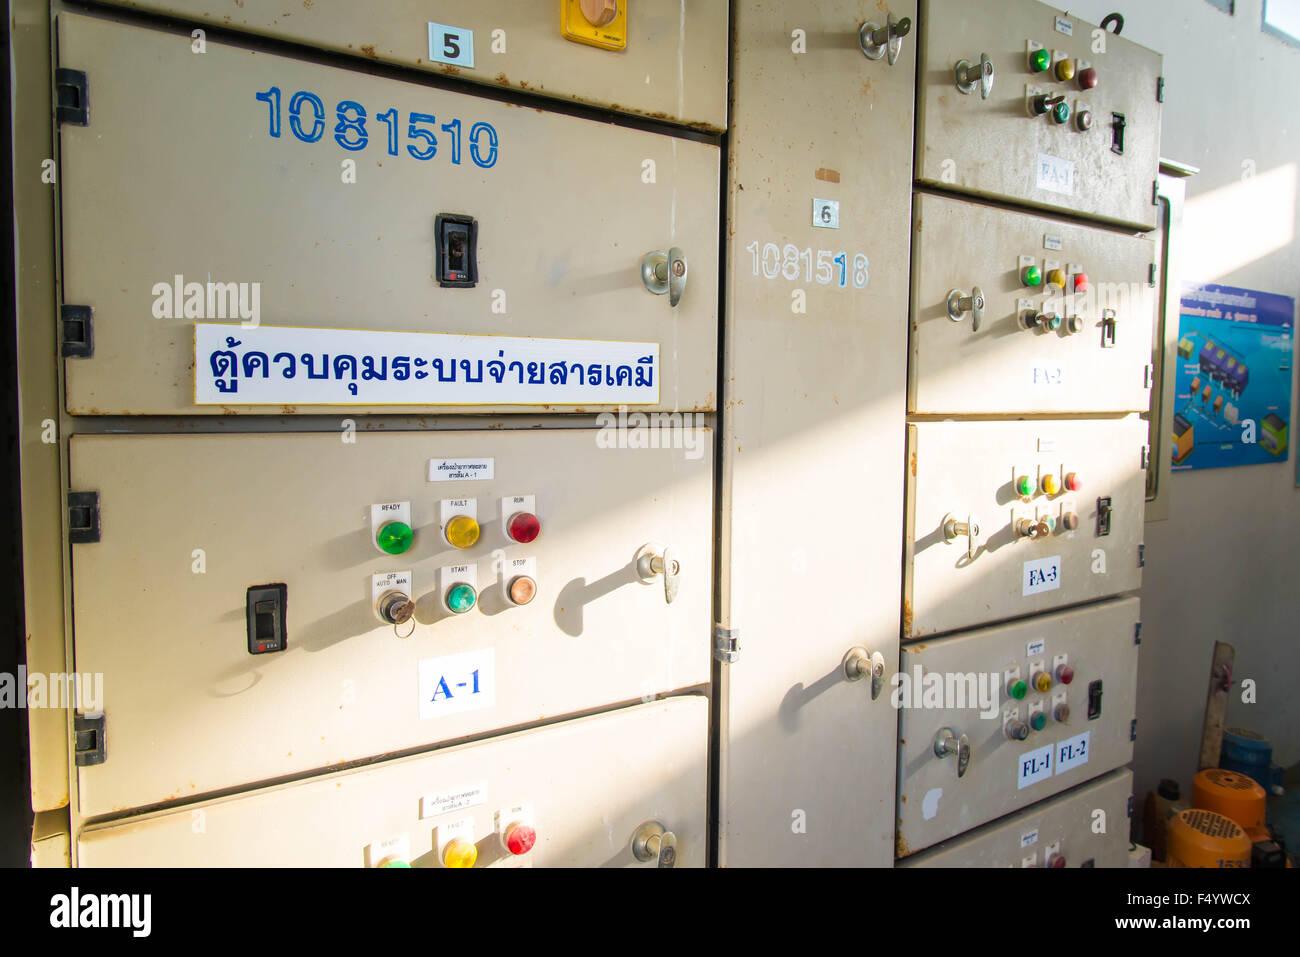 Schön Panel Elektrisch Fotos - Der Schaltplan - greigo.com